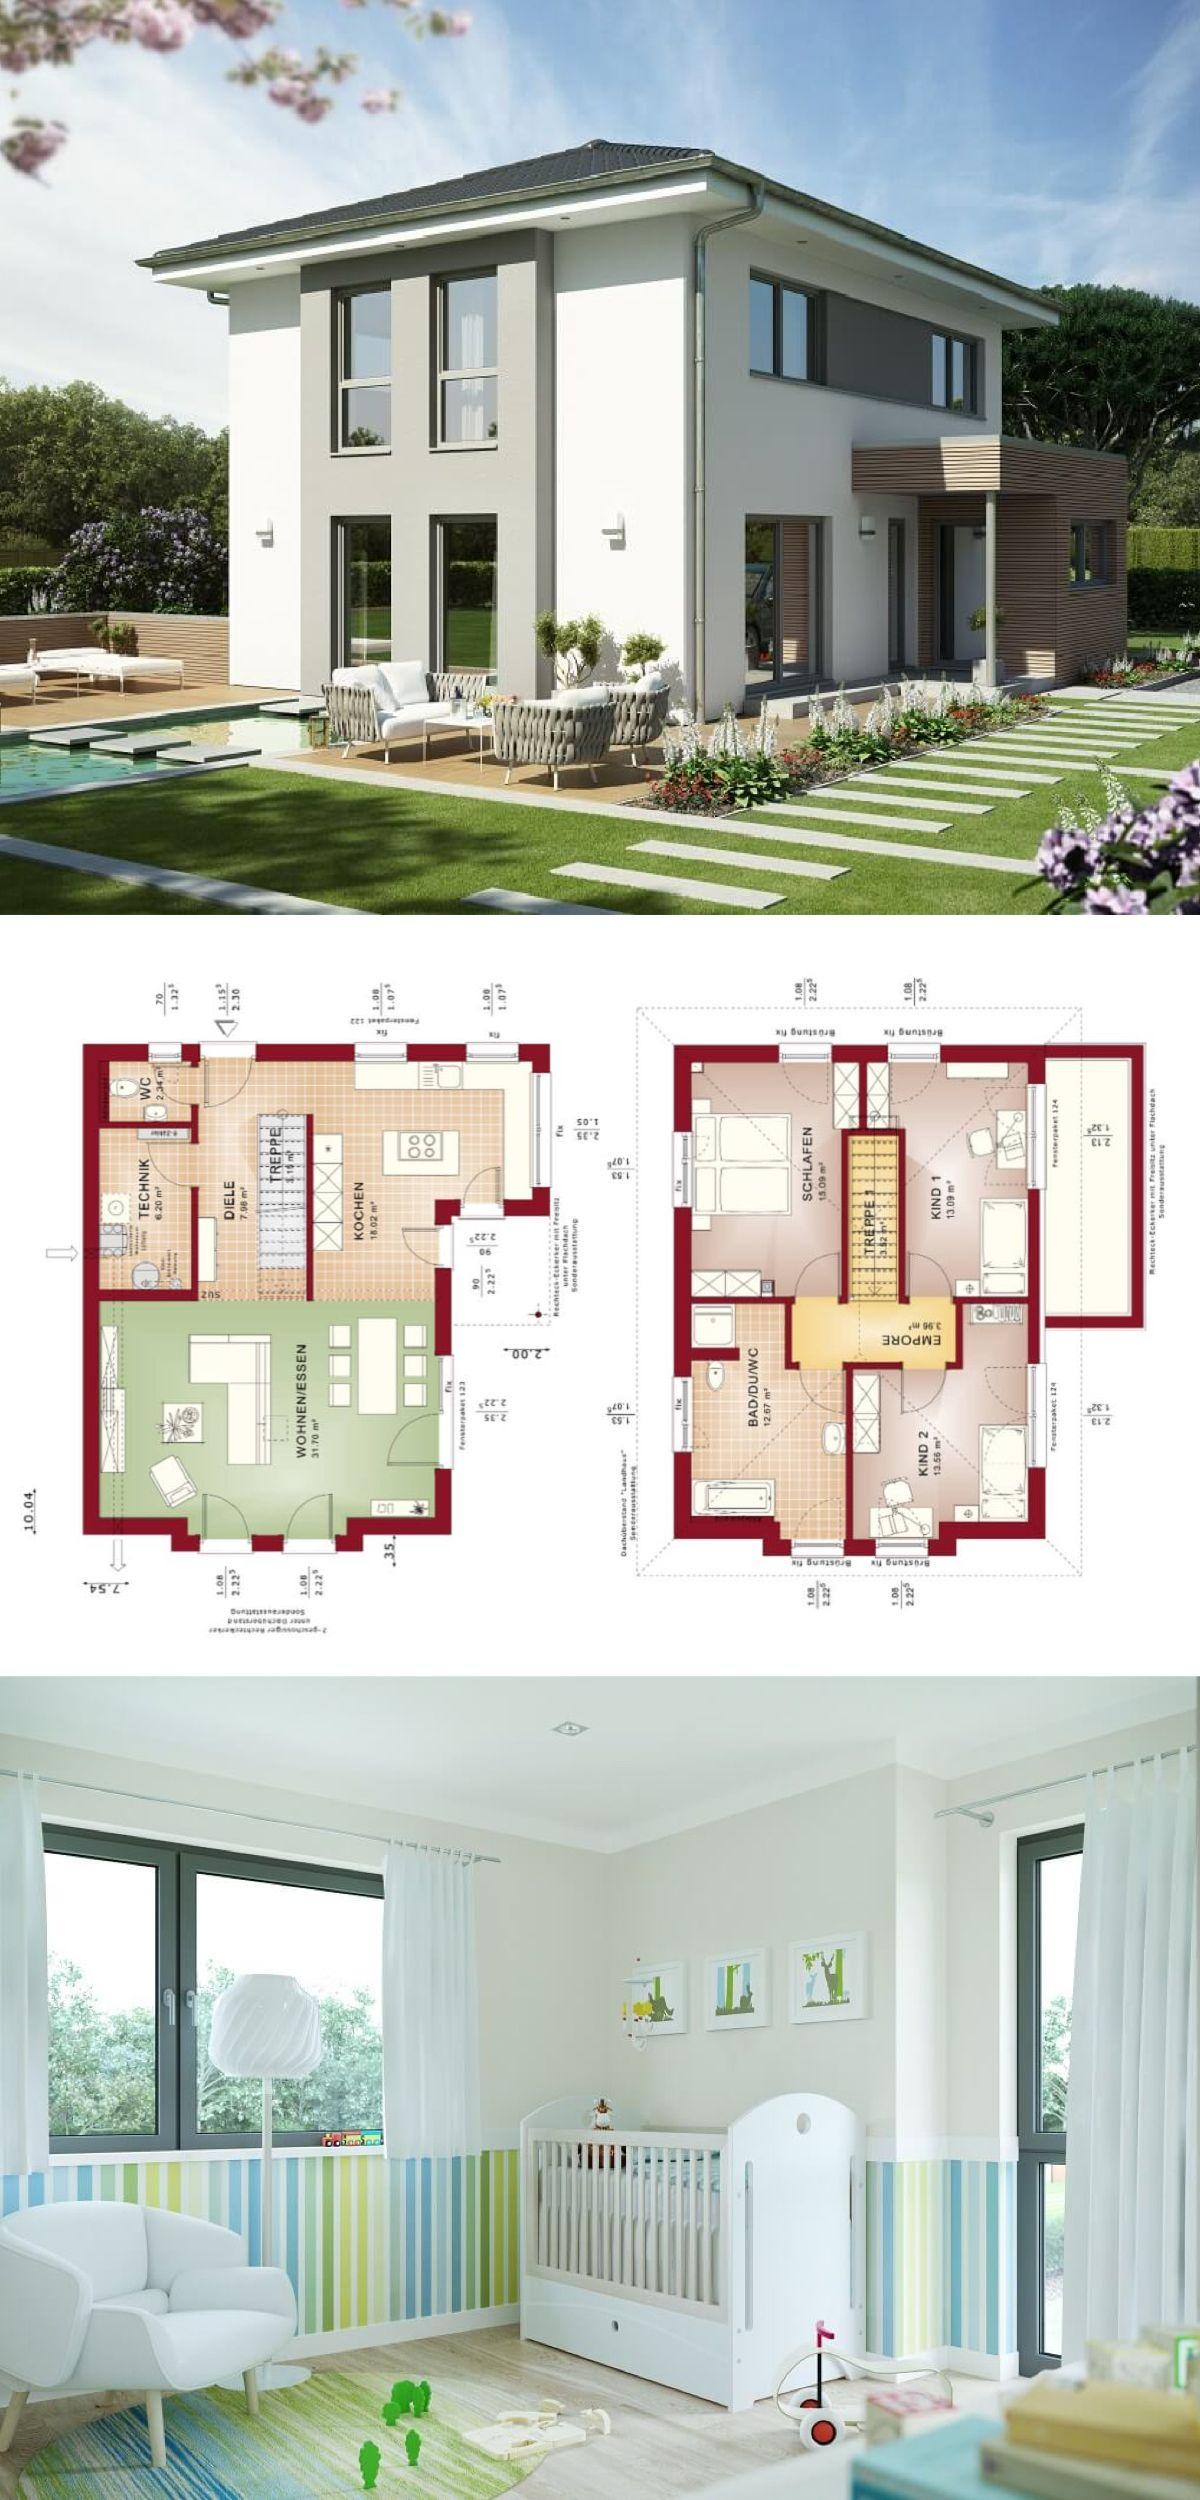 Elegante Stadtvilla Mit Walmdach   Haus Edition 4 V6 Bien Zenker Fertighaus    HausbauDirekt.de